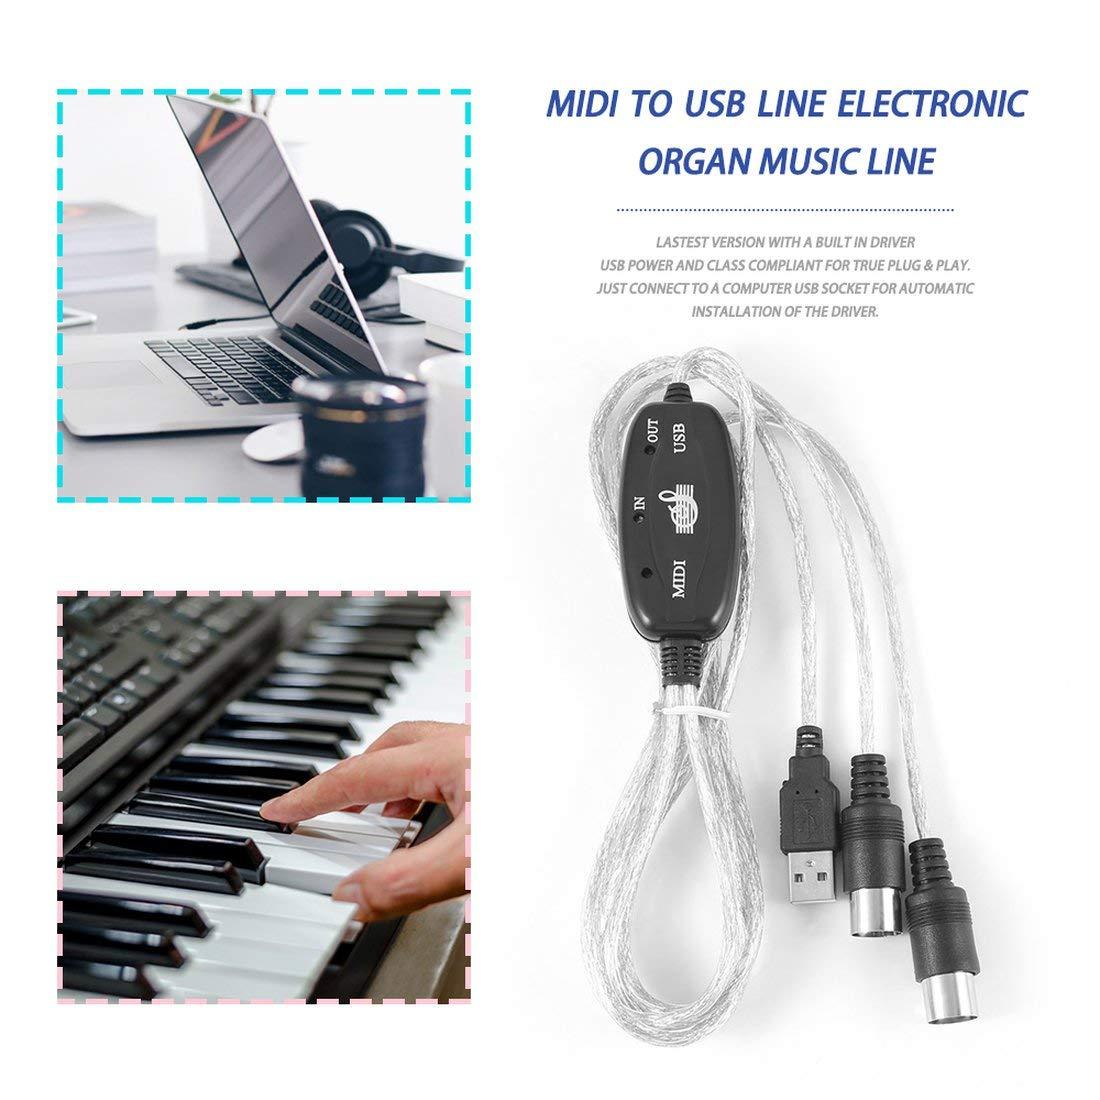 drf8090w-eop Adaptateur de c/âble dinterface MIDI vers USB pour Cordon de Conversion de PC /à Clavier Musical